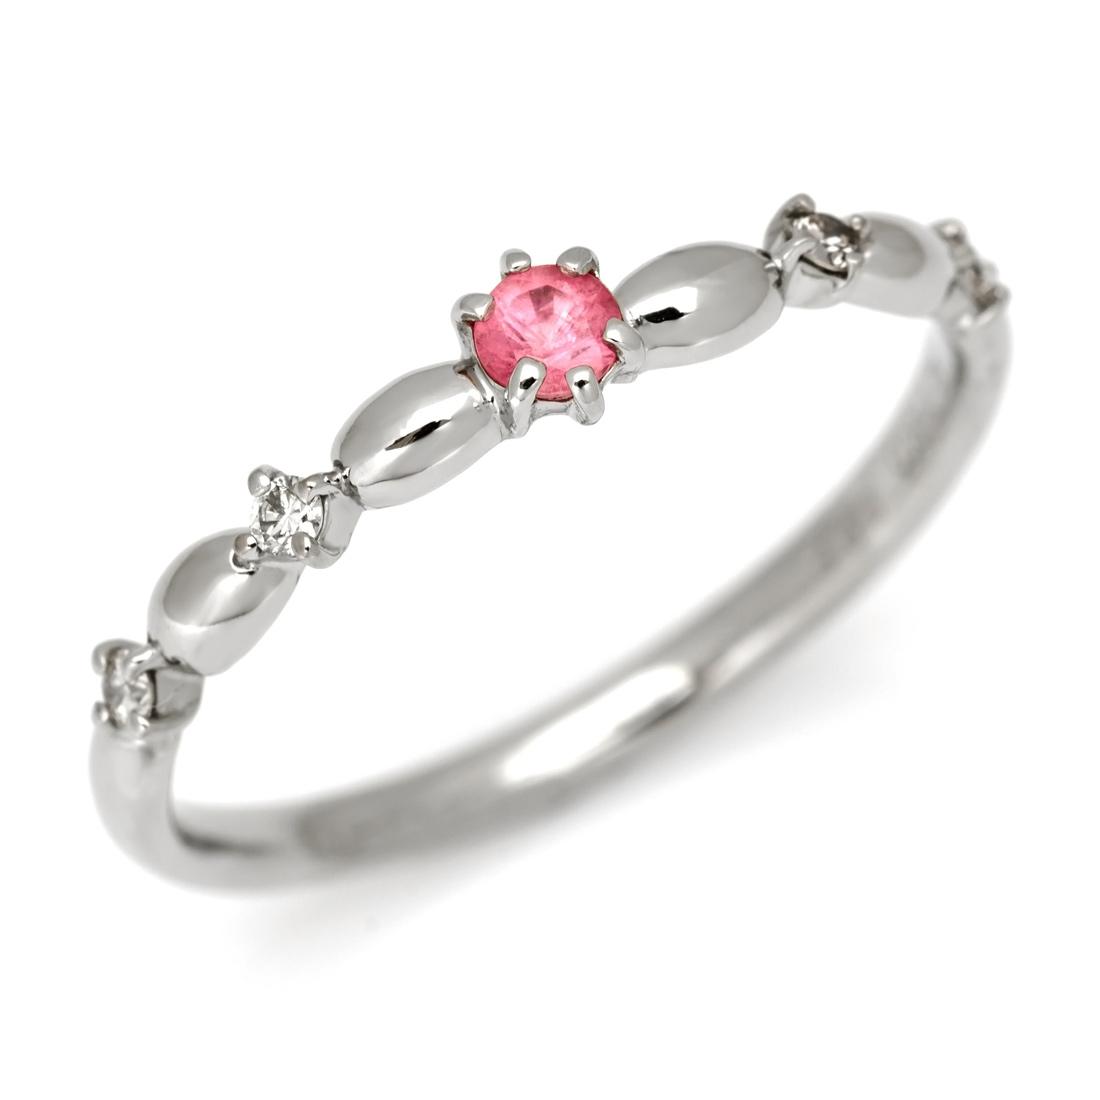 PT900 ロードクロサイト ダイヤモンド リング 「tempista」 指輪 プラチナ900 スイートホーム鉱山産 ダイアモンド 希少石 レアストーン 刻印 文字入れ メッセージ ギフト 贈り物 ピンキーリング対応可能